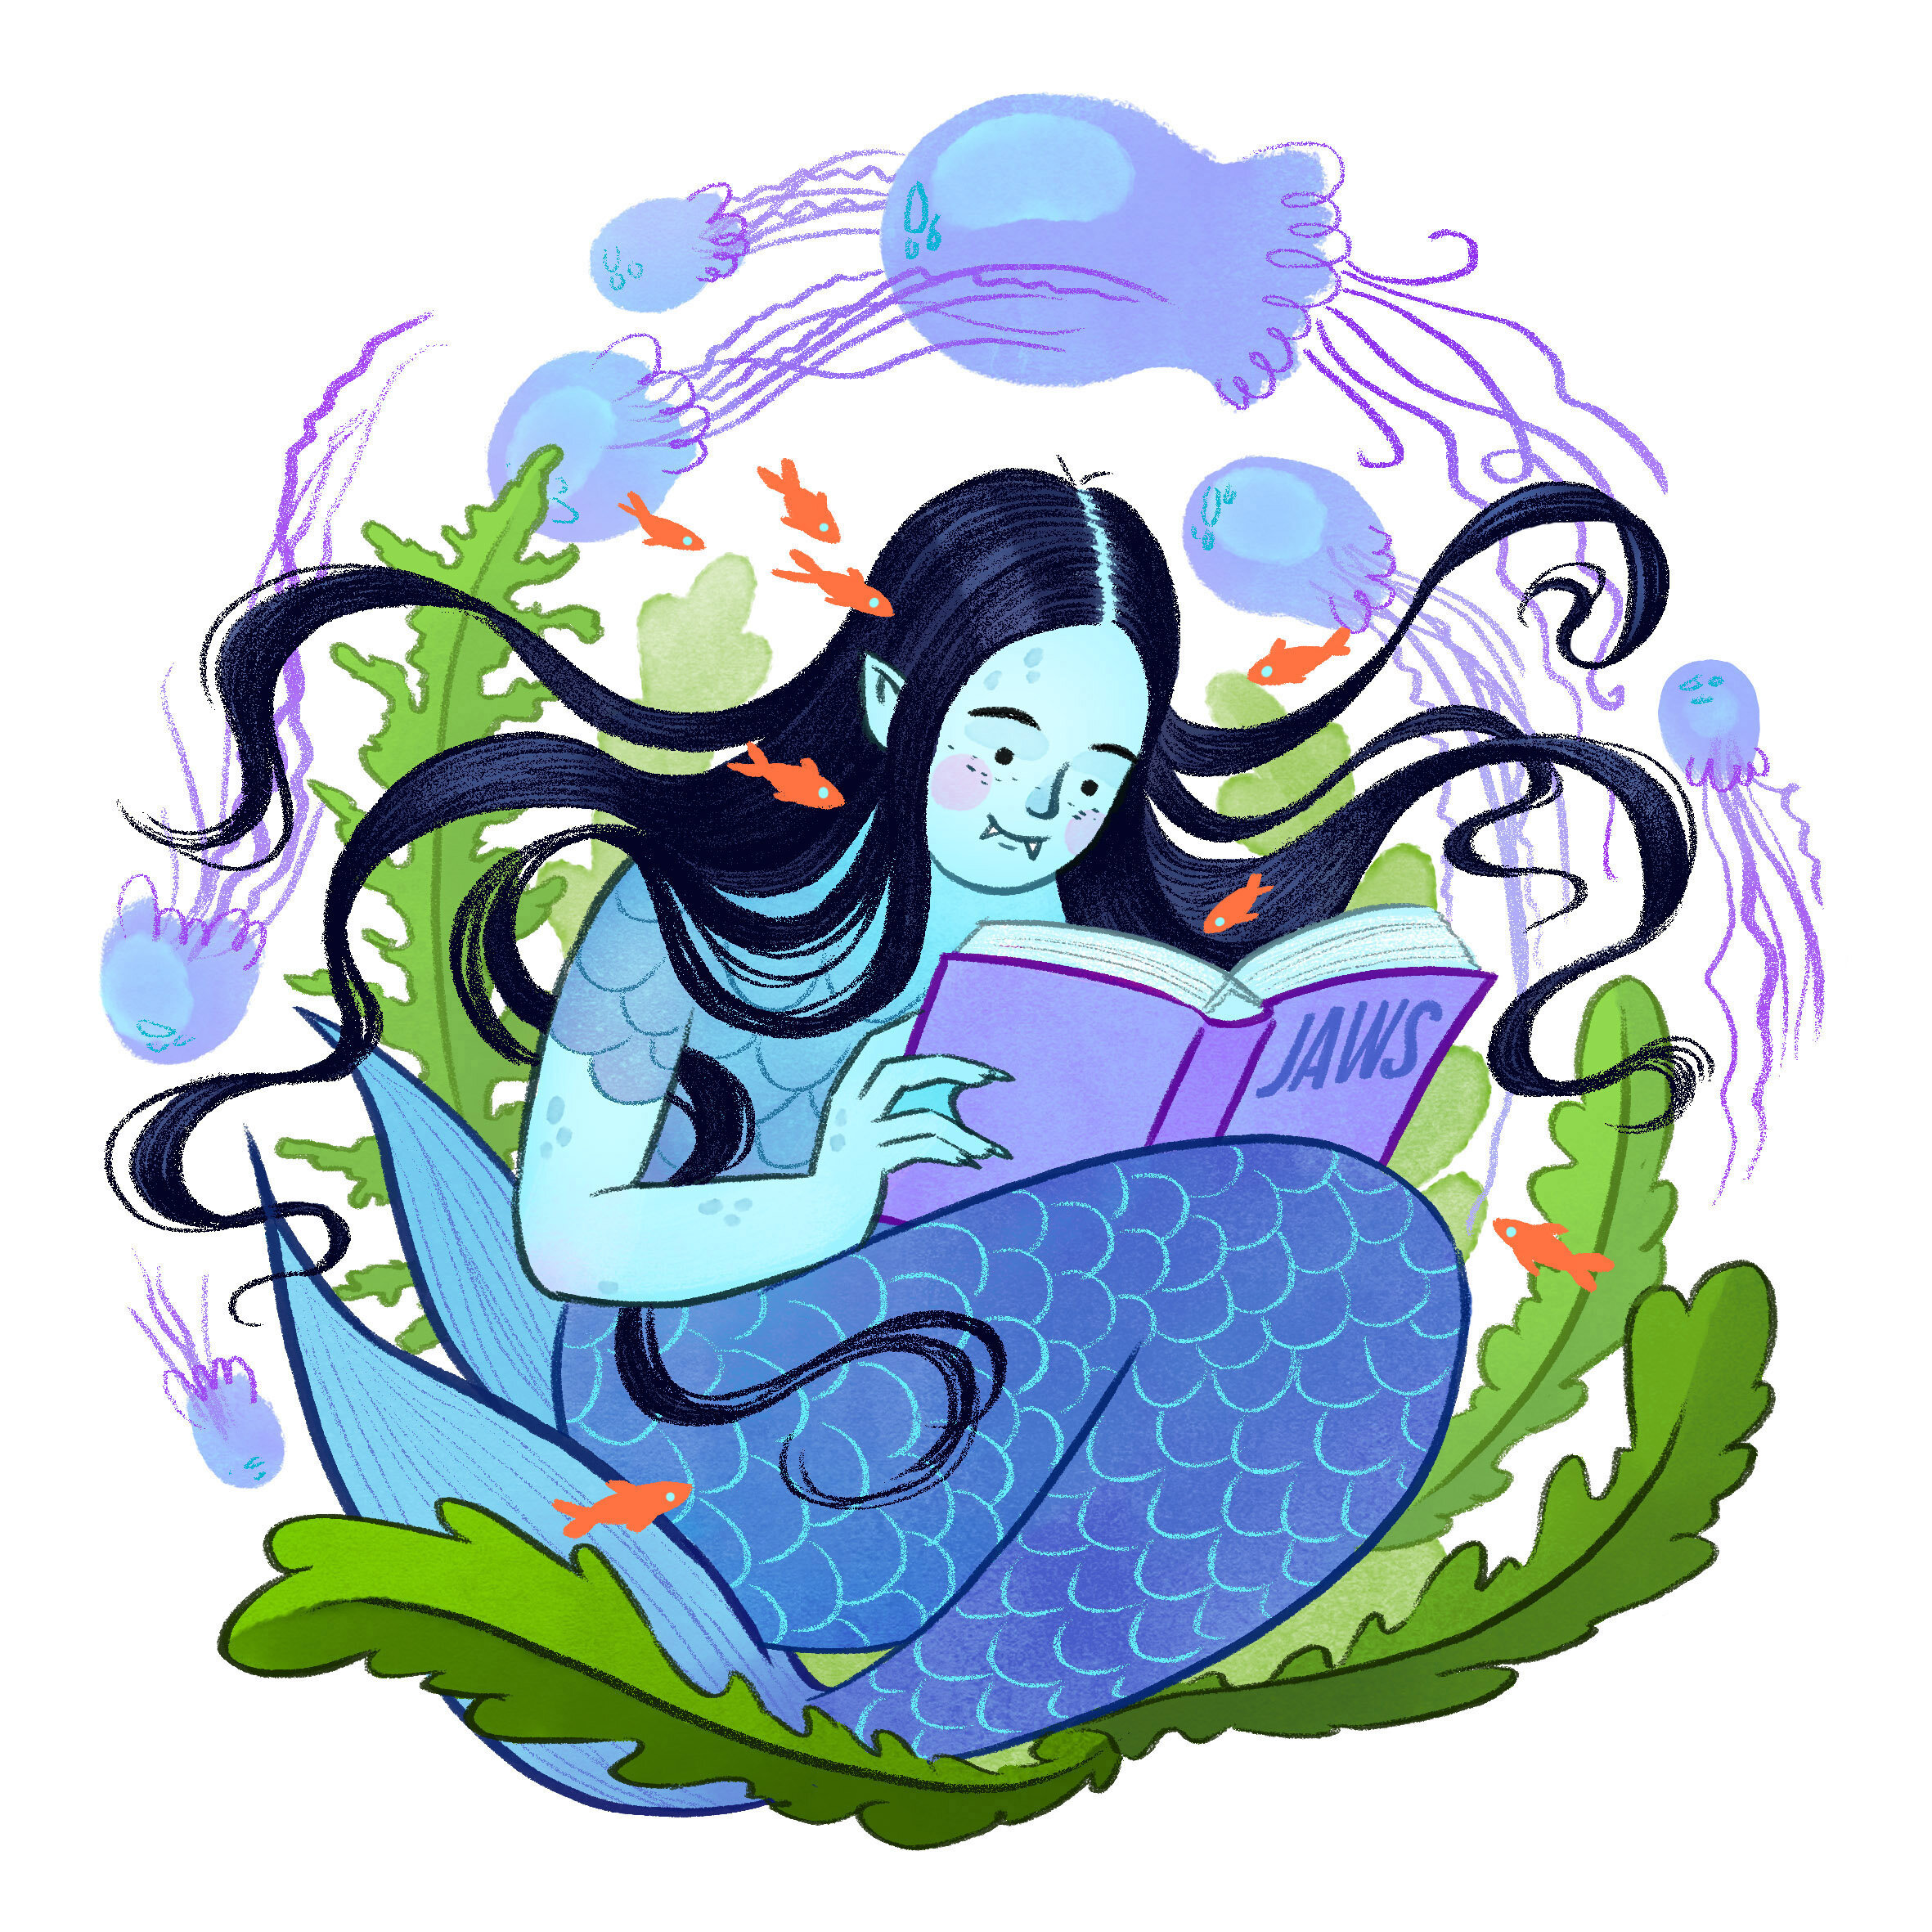 OWLCRATE-mermaid.jpg